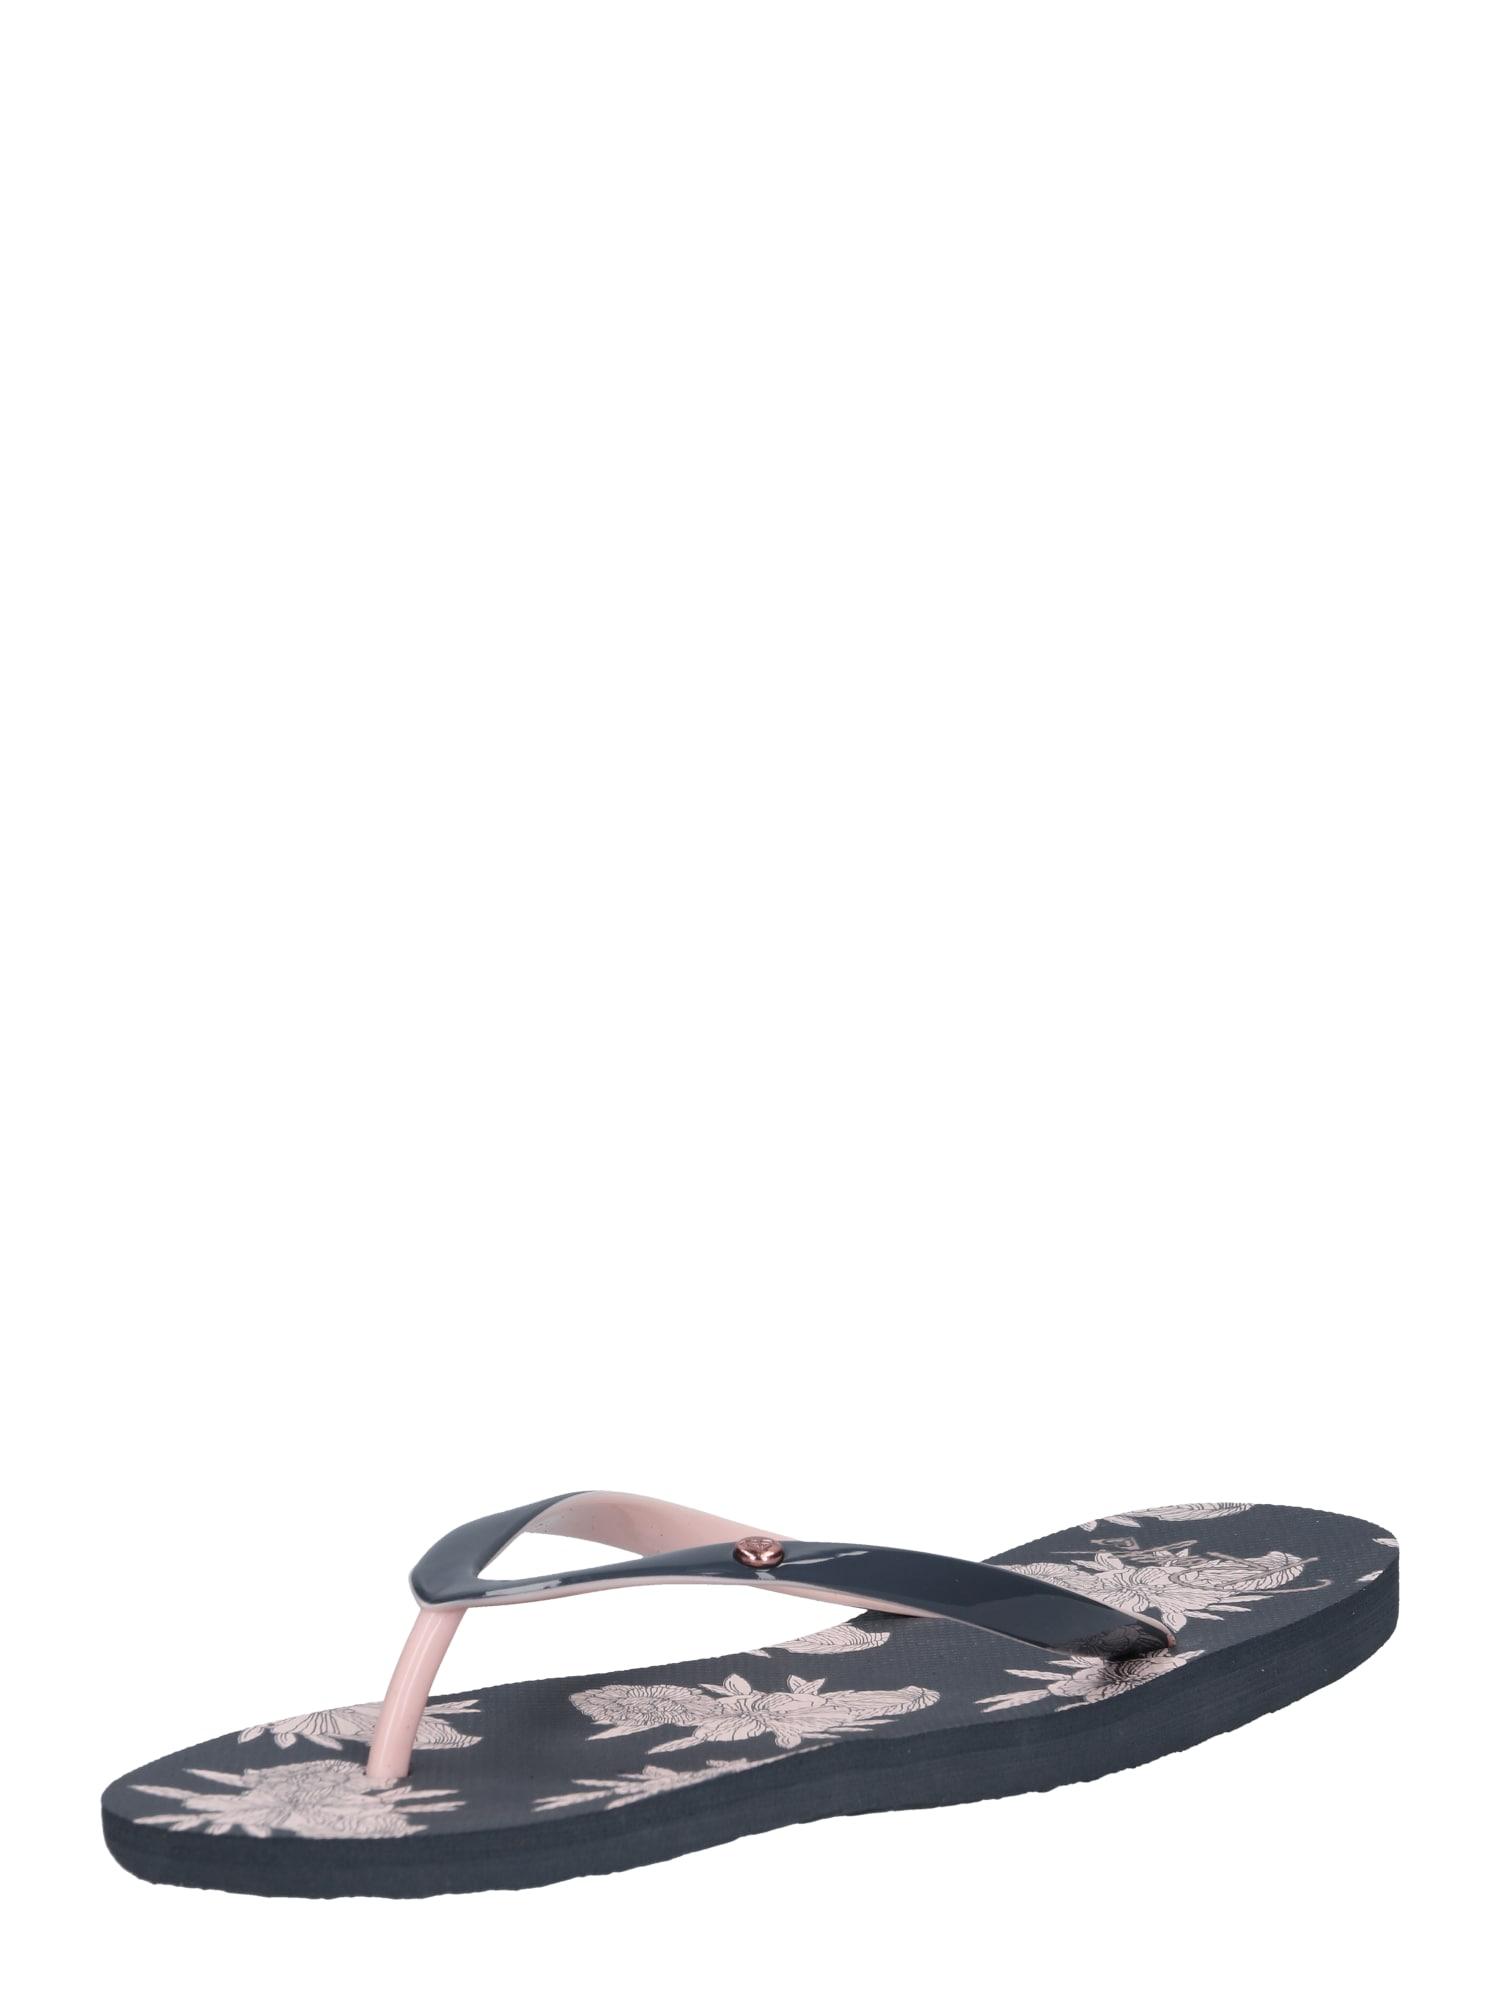 Pantofle PORTOFINO II modrá růžová ROXY